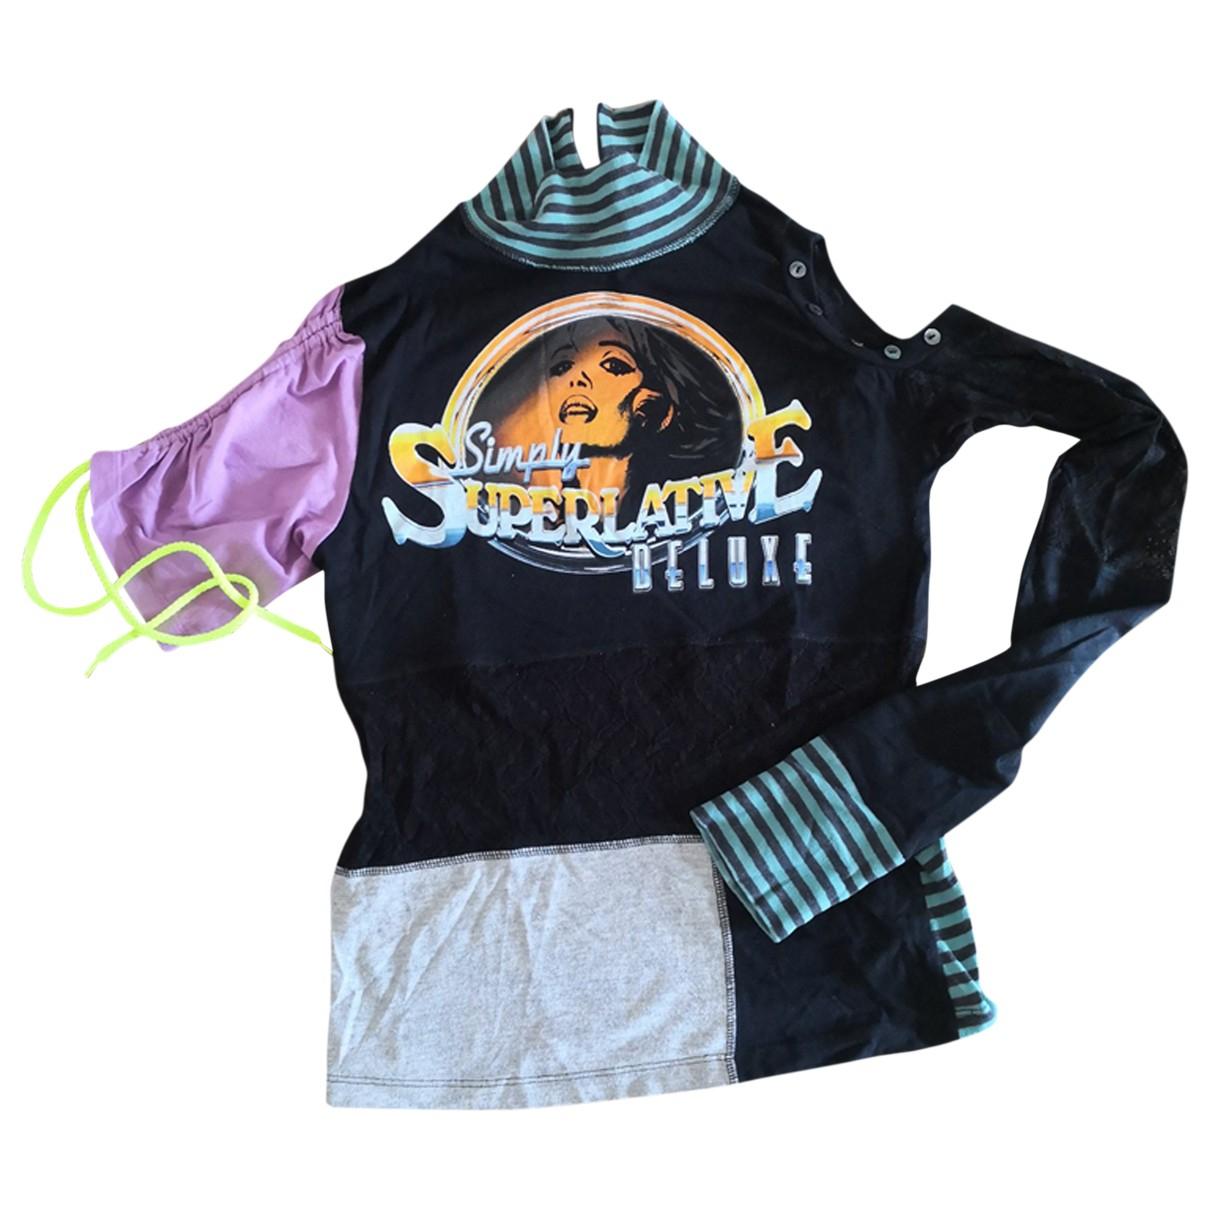 D&g \N Cotton Knitwear for Women L International